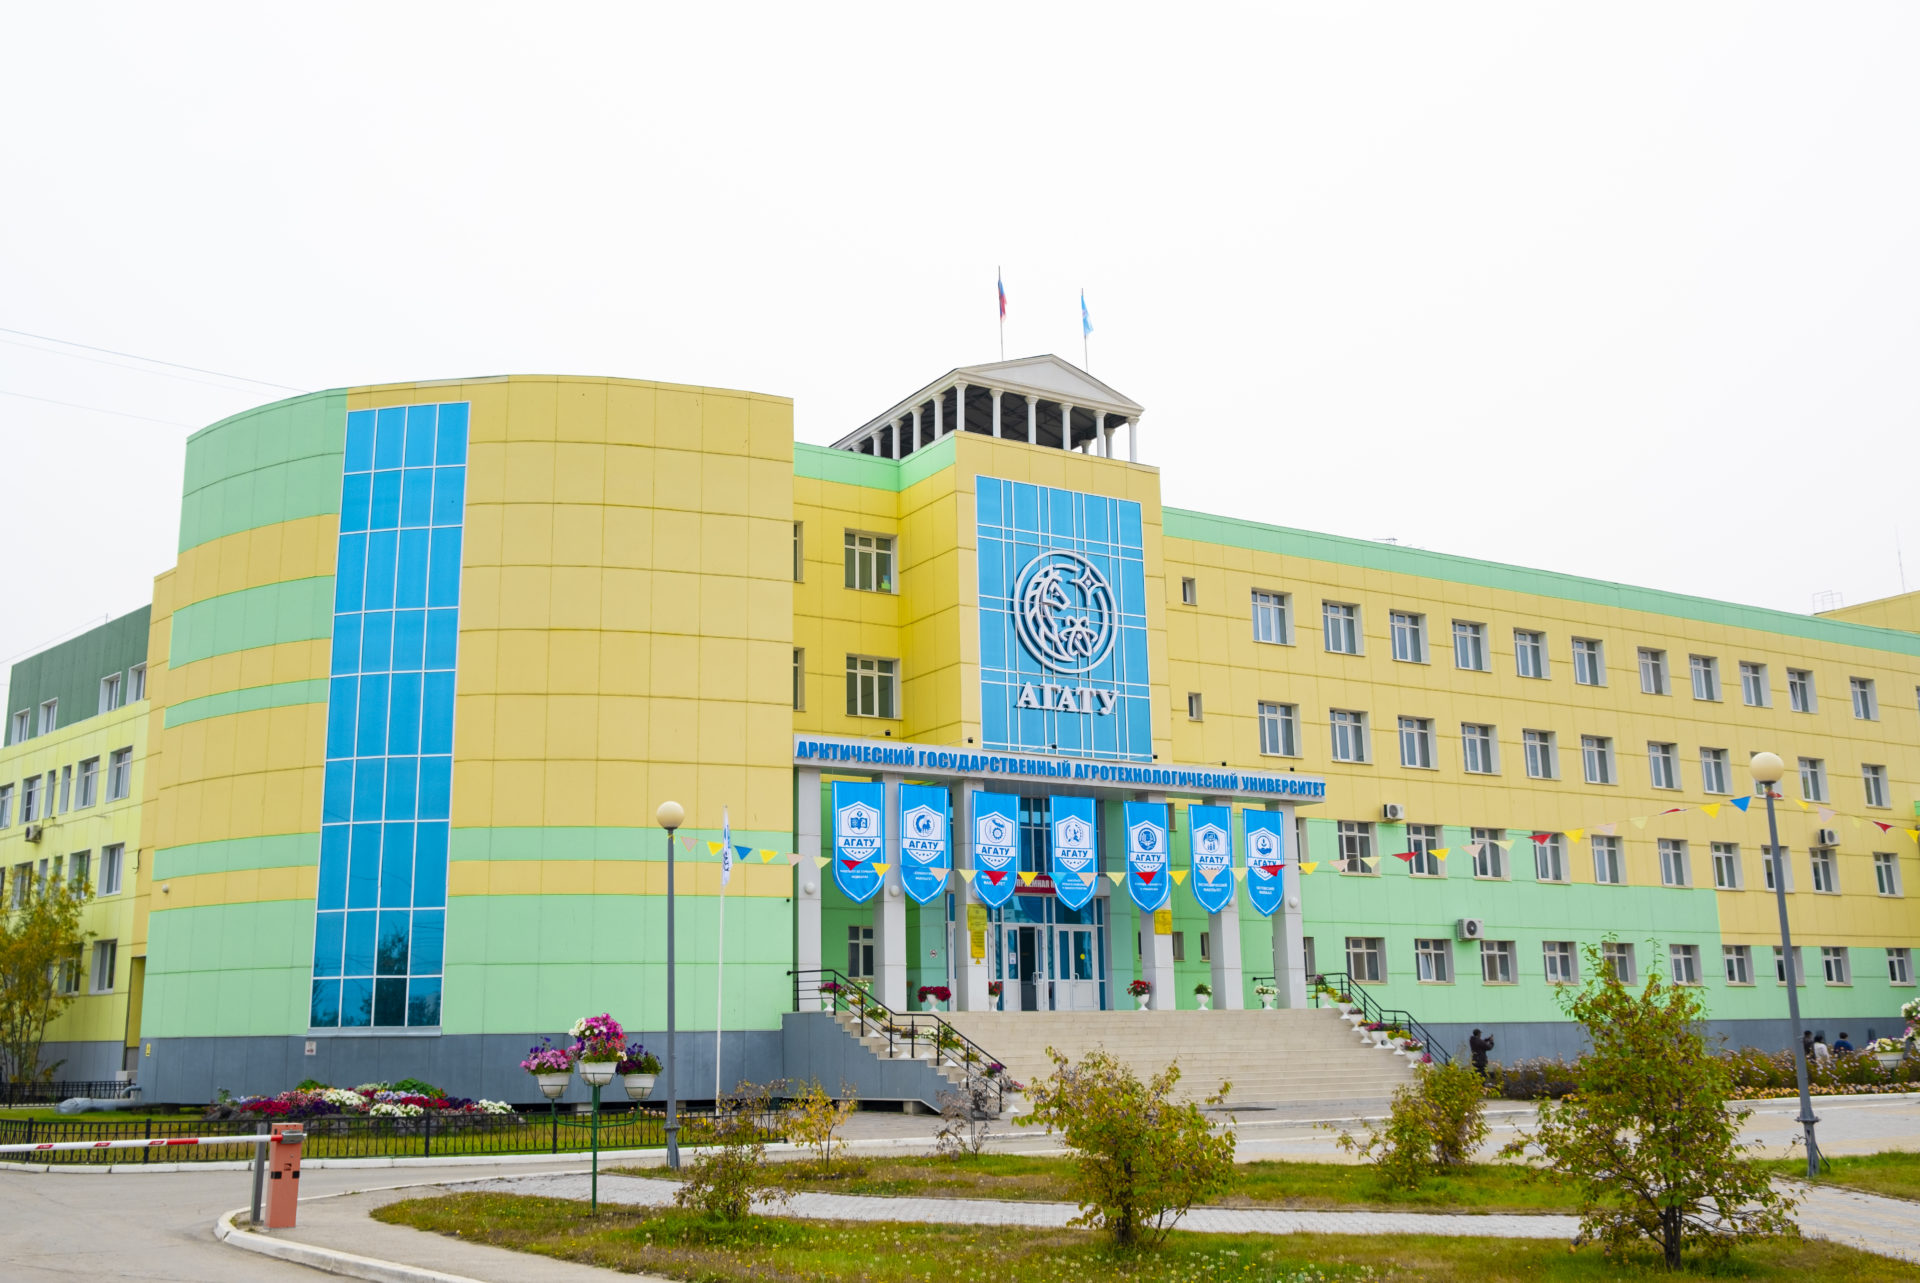 Студенты смогут получить образовательный кредит для обучения в АГАТУ